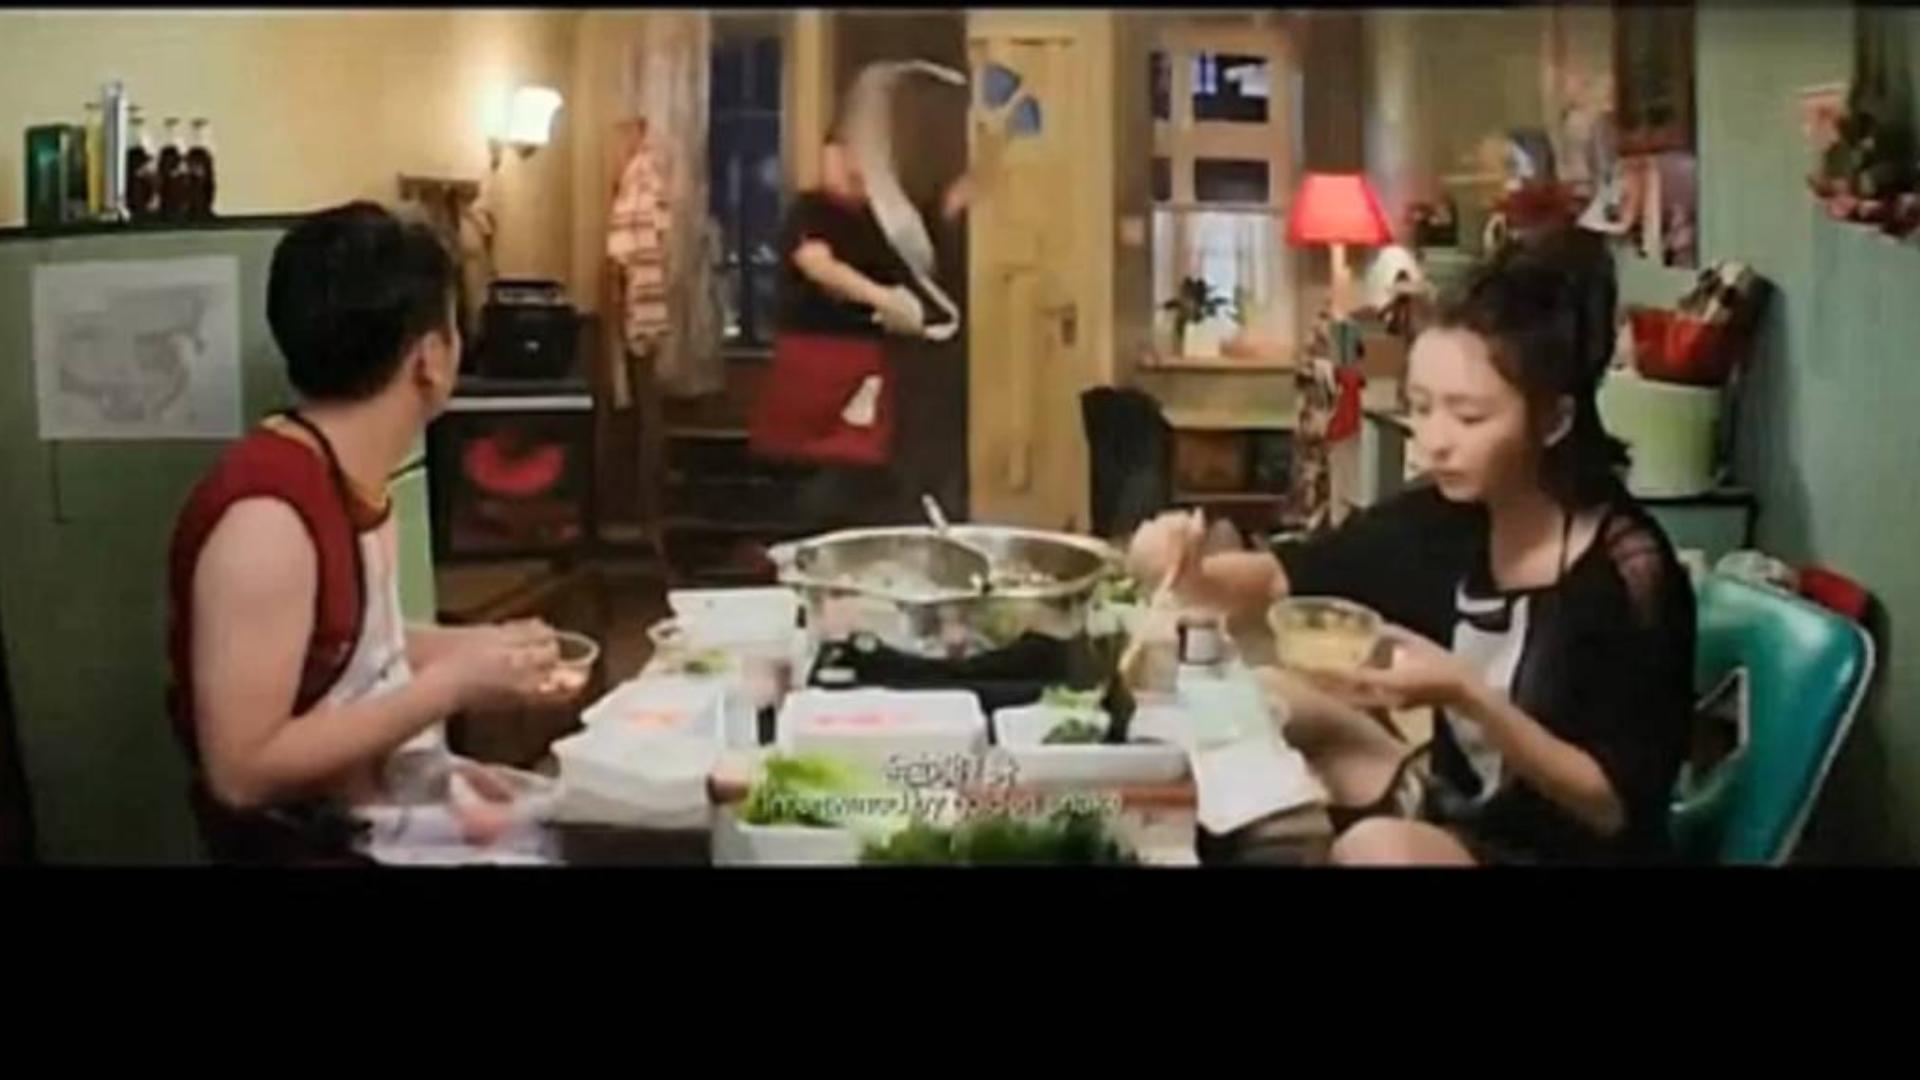 雷佳音和佟丽娅吃火锅,古天乐和张家辉吃面,看饿了